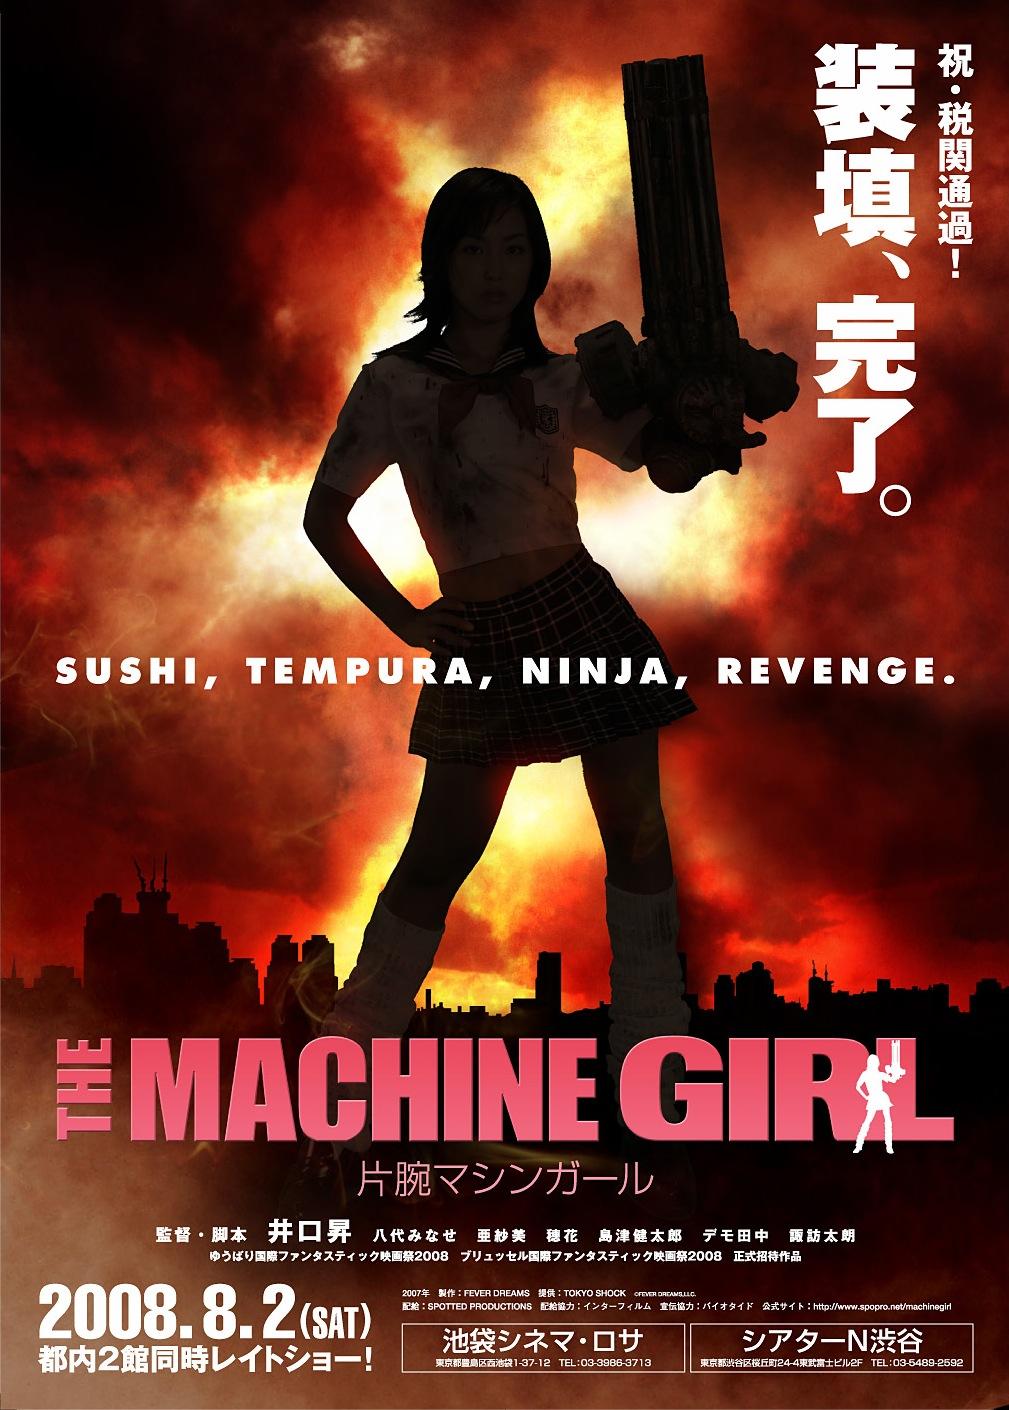 http://images.wikia.com/eiga/images/2/2e/Machine_girl_poster.jpg